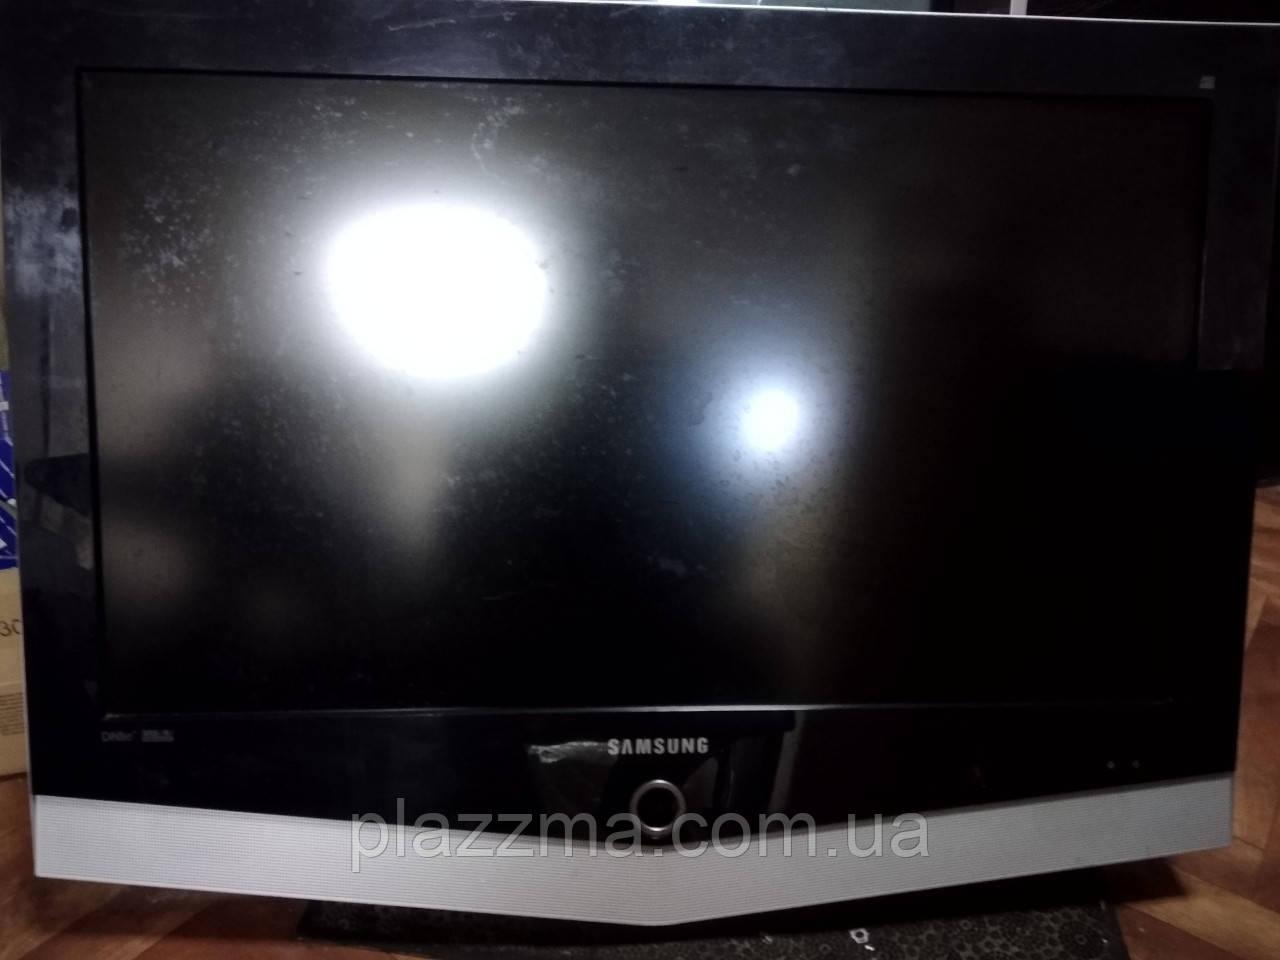 Телевизор SAMSUNG LE32R51B на запчасти или восстановление